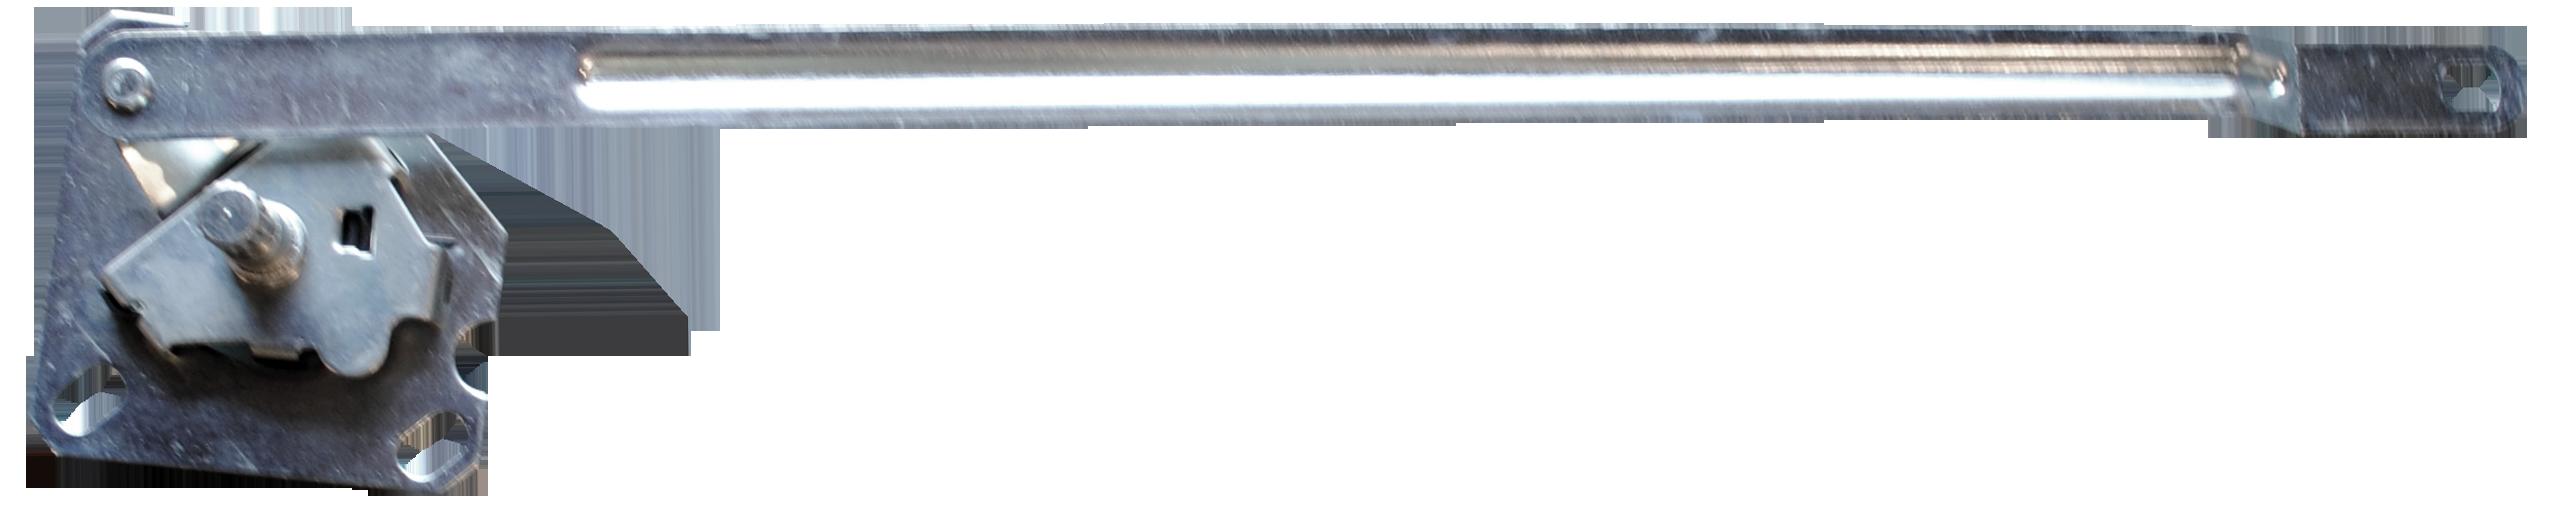 1960-63 C10 front door relay control rt